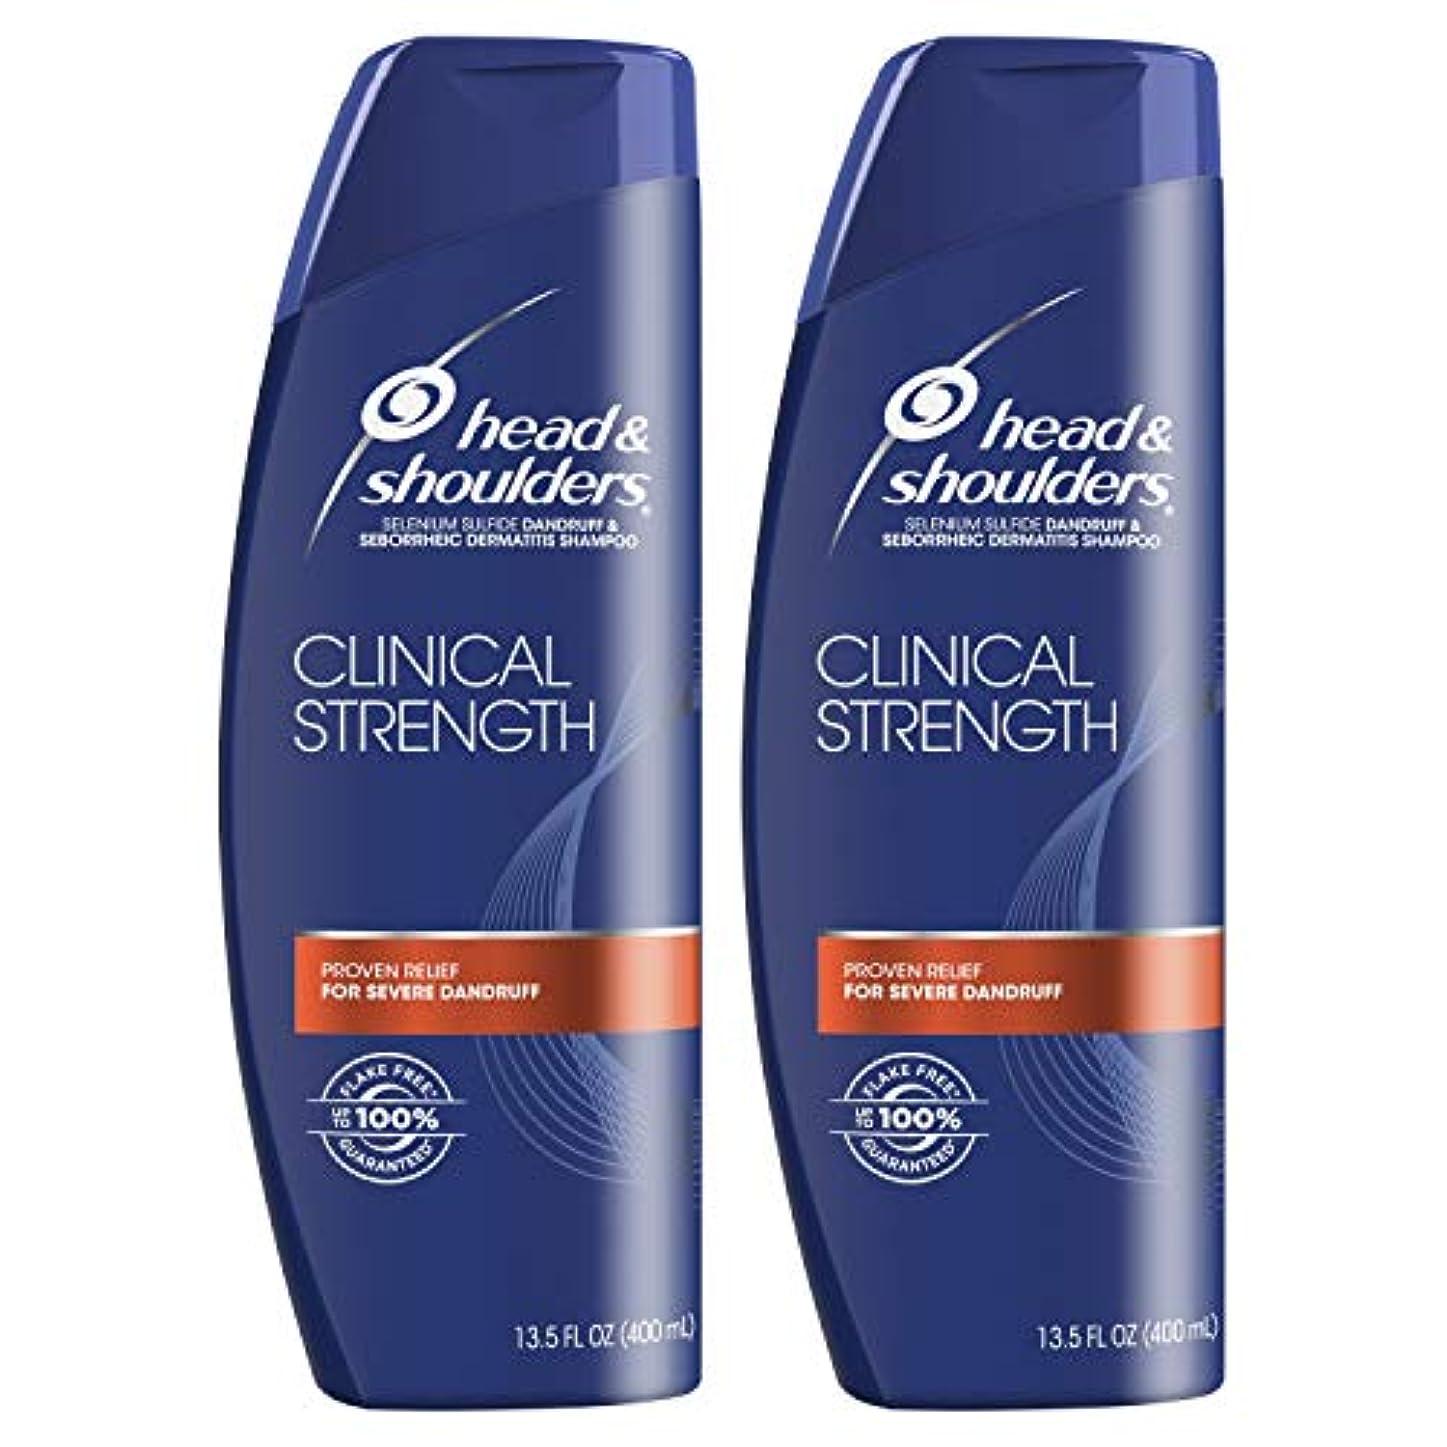 業界アンドリューハリディことわざHead and Shoulders Clinical Strength Dandruff and Seborrheic Dermatitisシャンプー、13.5 FL OZ